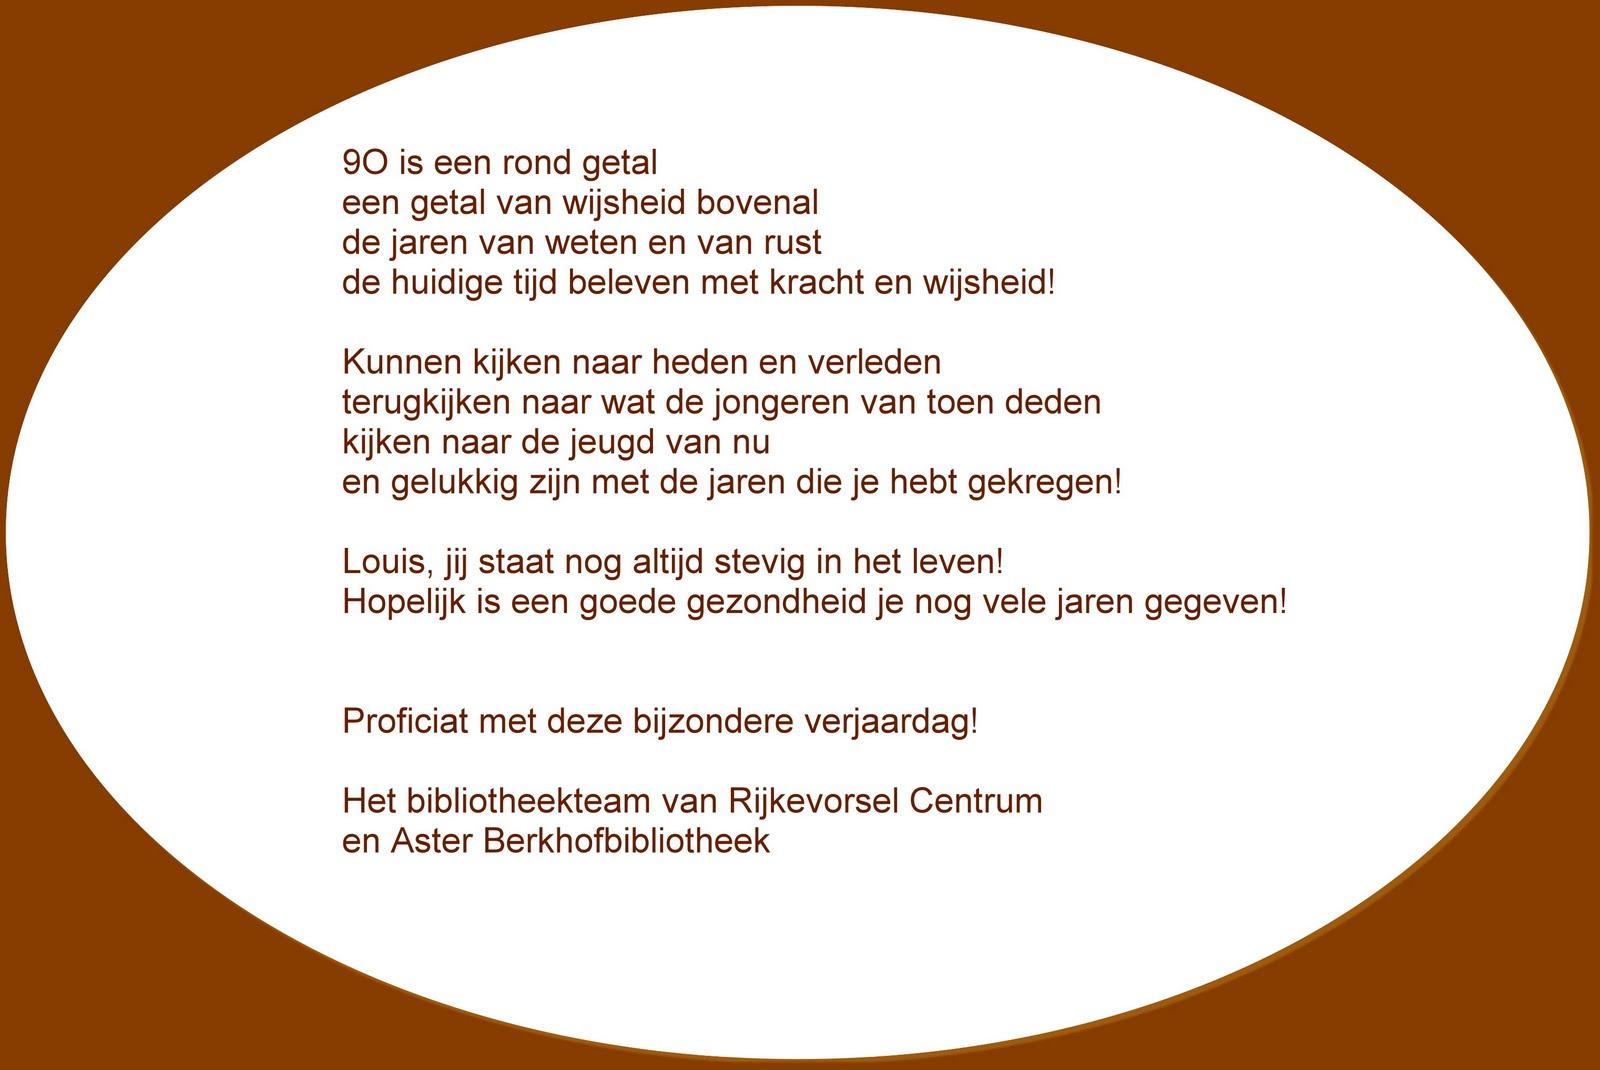 40 Jaar Oud Gedicht